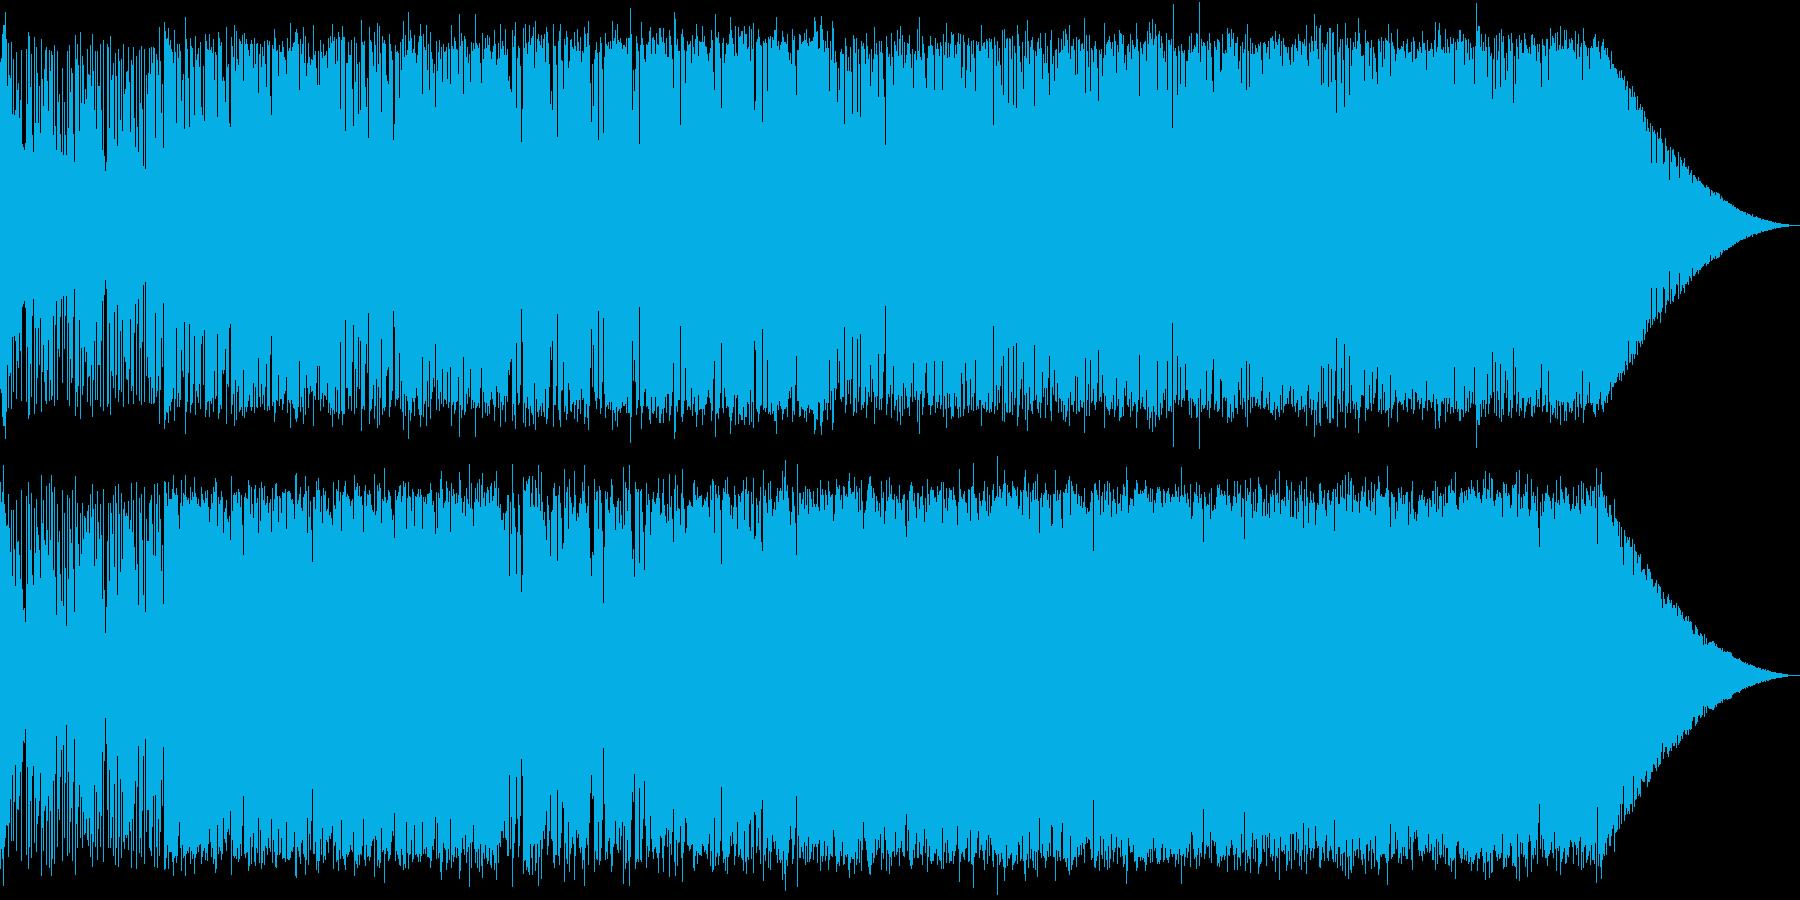 シンセとディストーションギターの戦闘曲の再生済みの波形